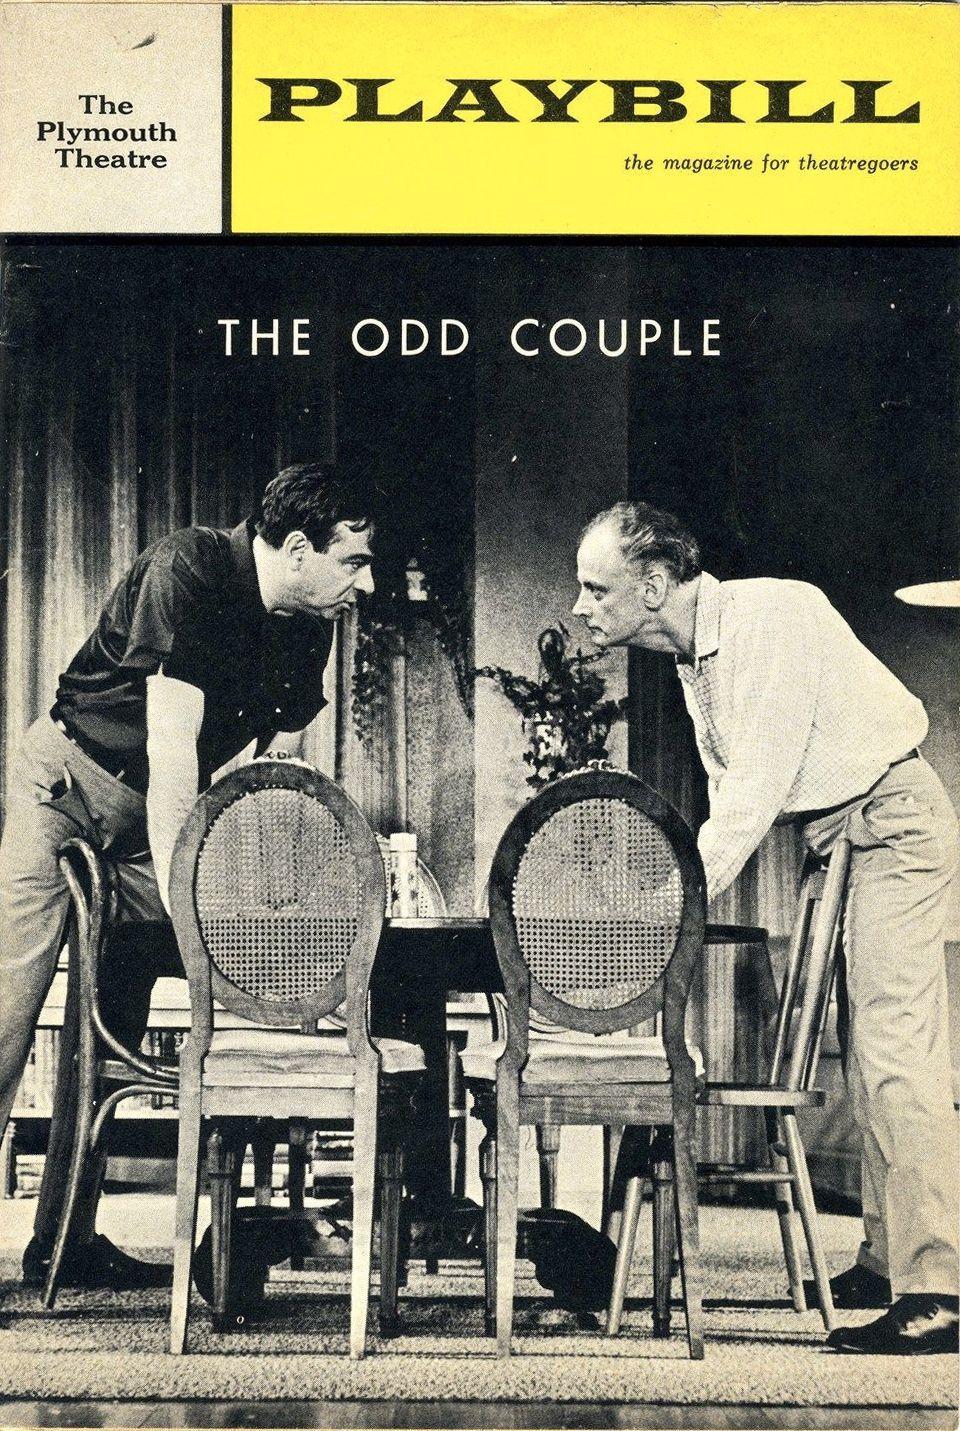 A copy of the original Playbill.